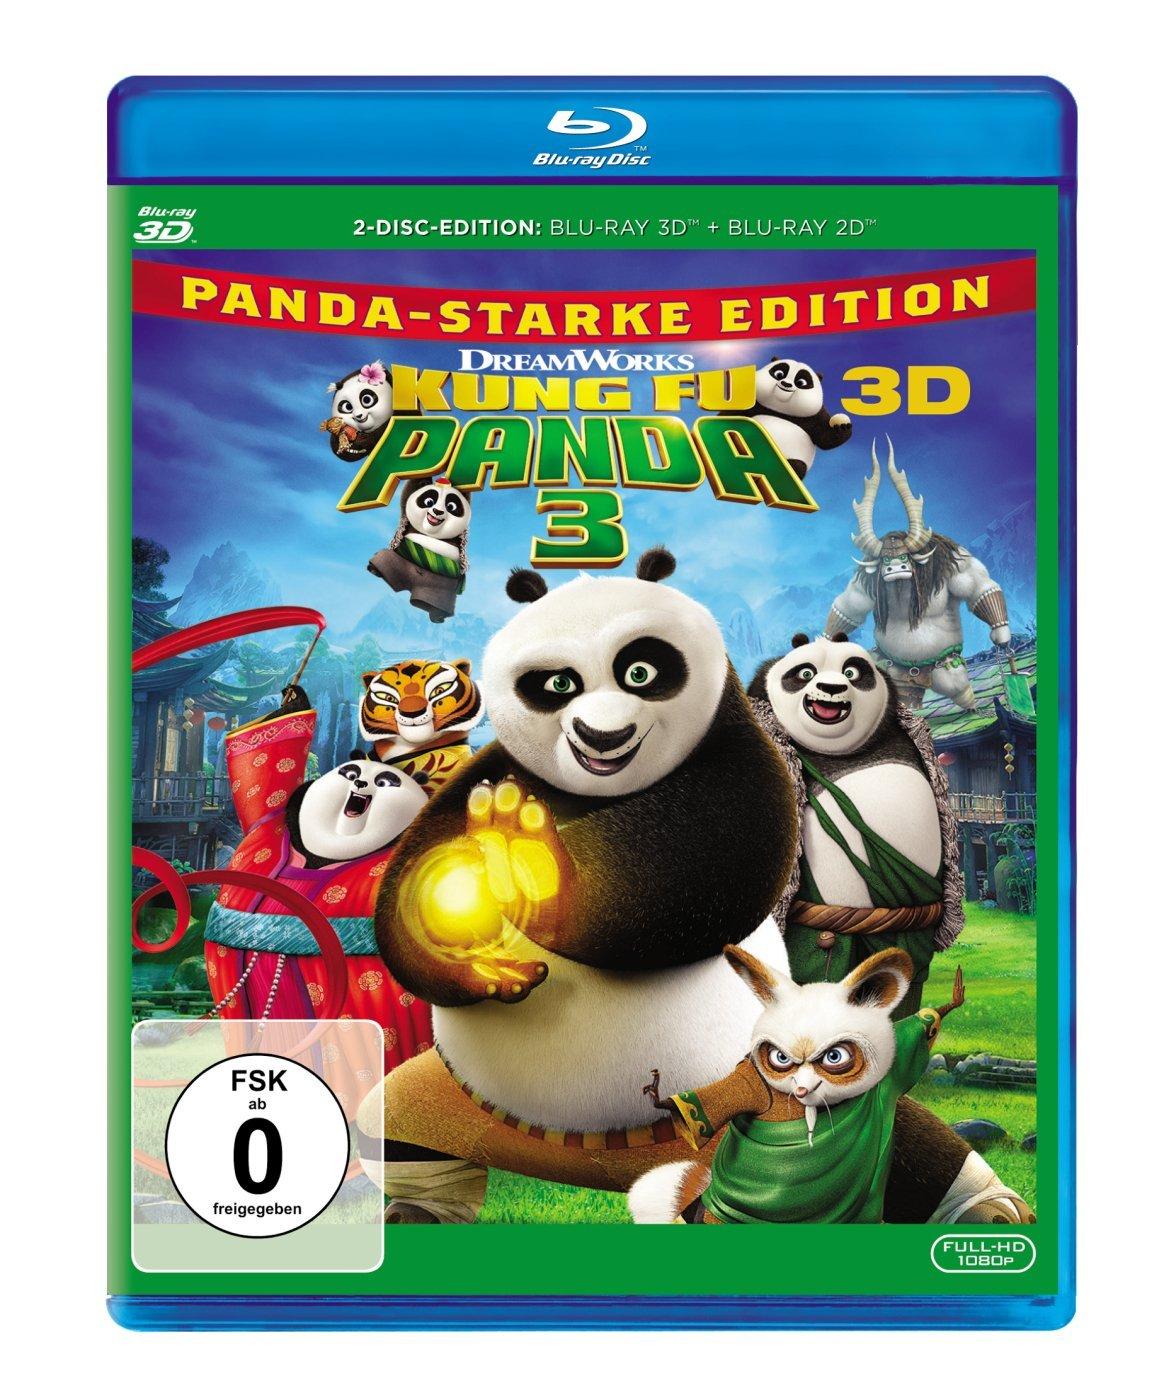 kung fu panda 3 blu ray download 1080p